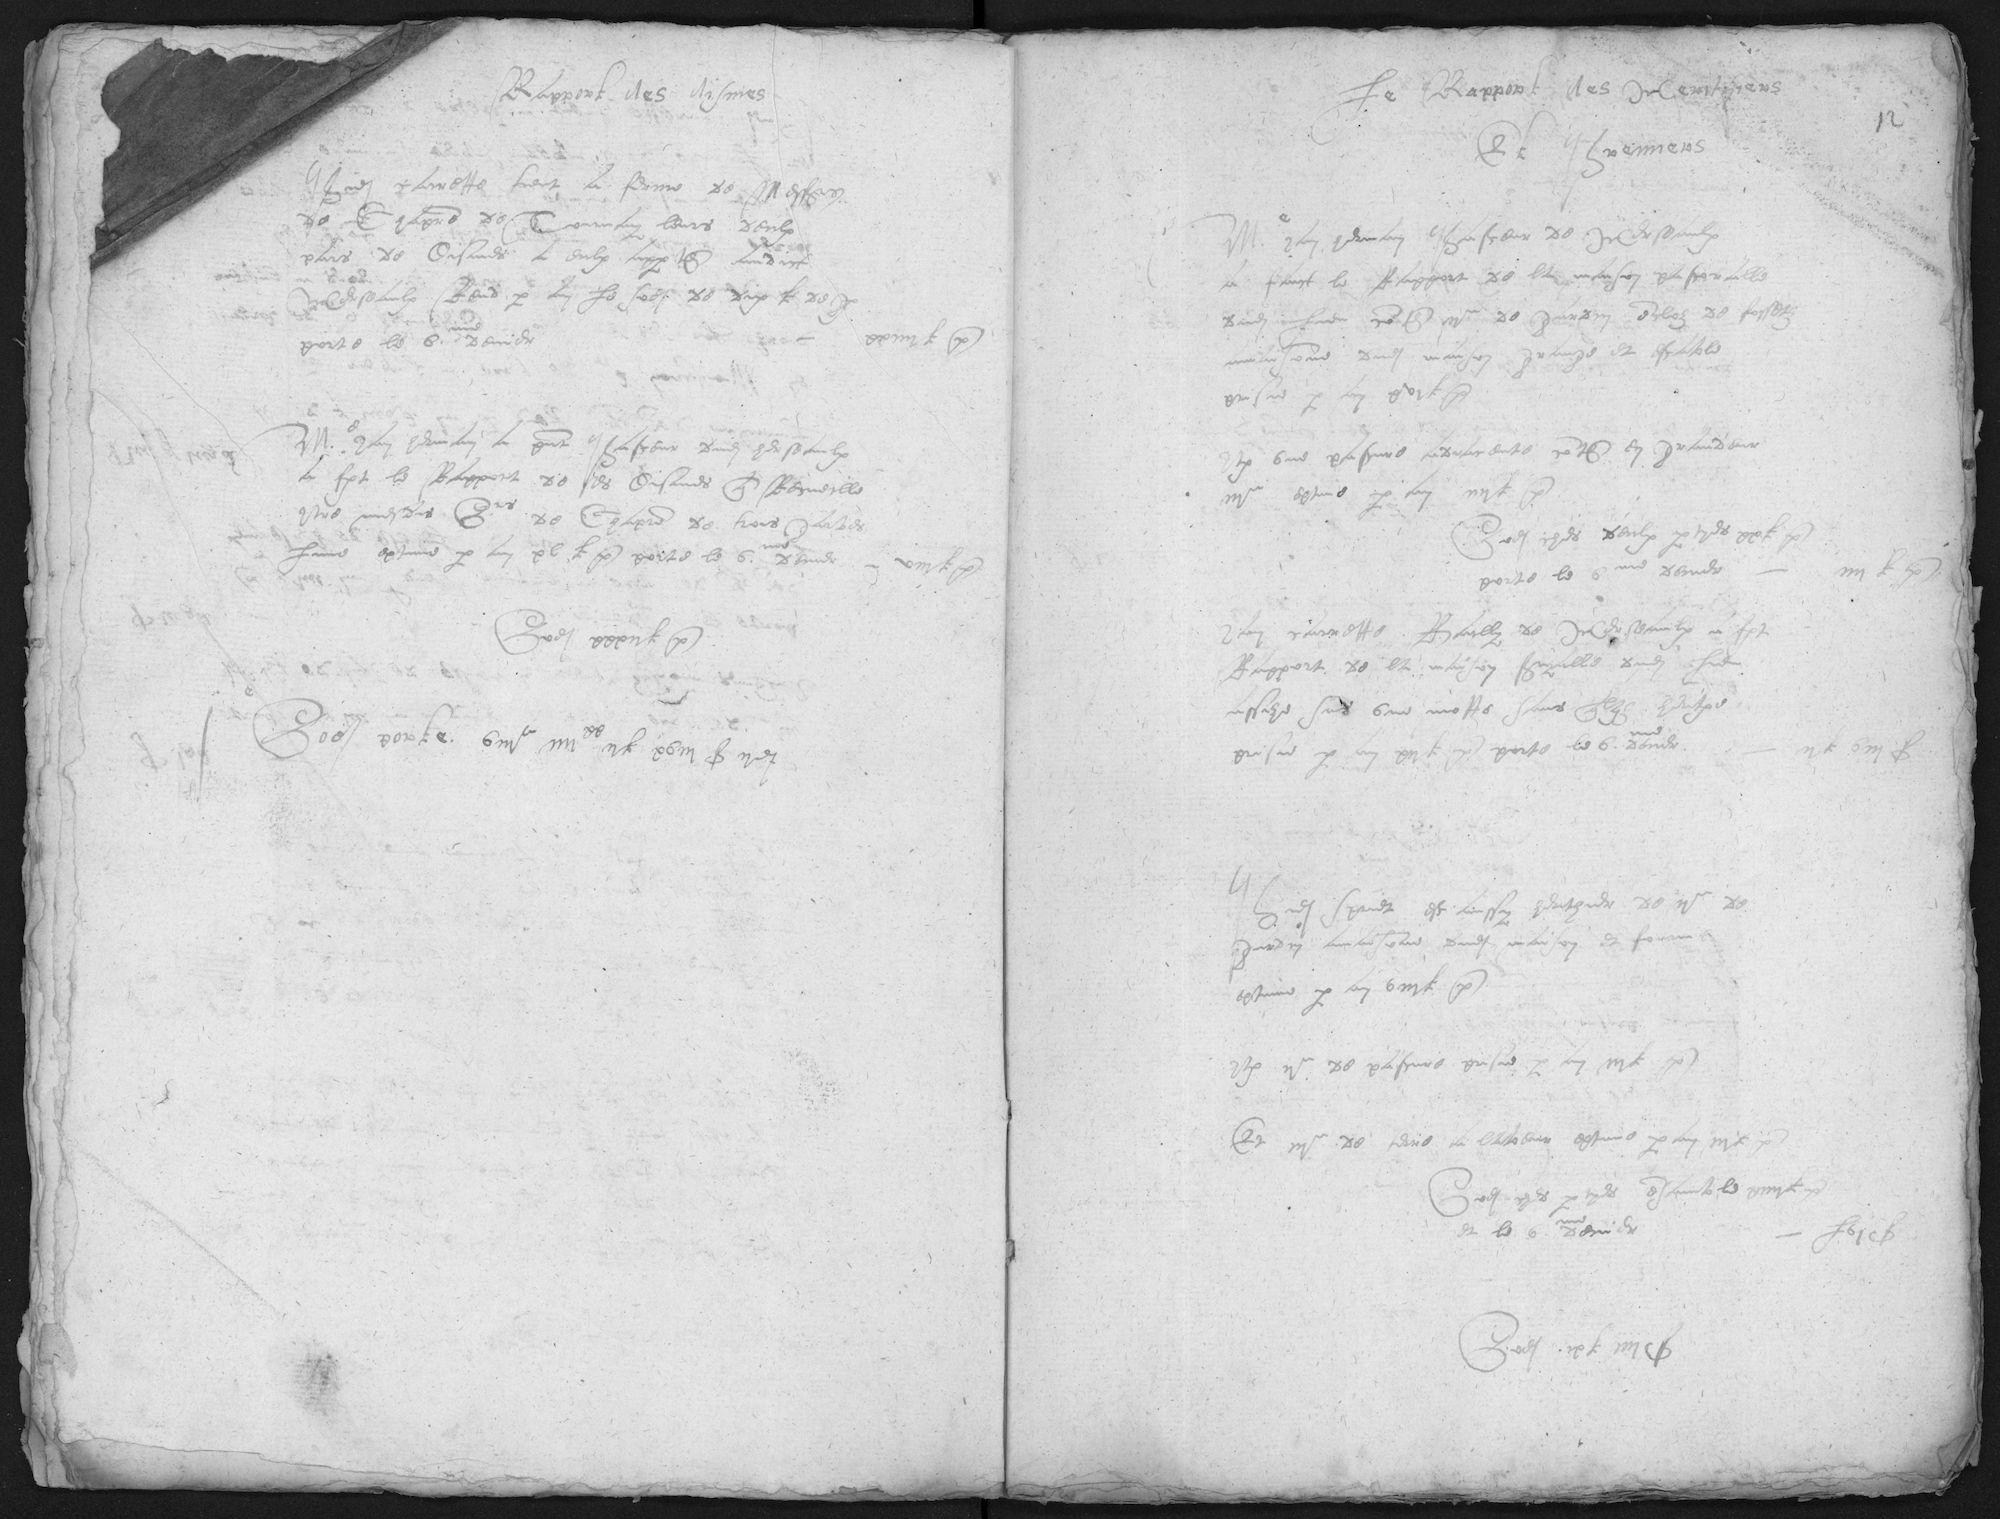 Kohier van de 5de penning in Herseaux (Herzeeuw) (kasselrij van Kortrijk), 1577